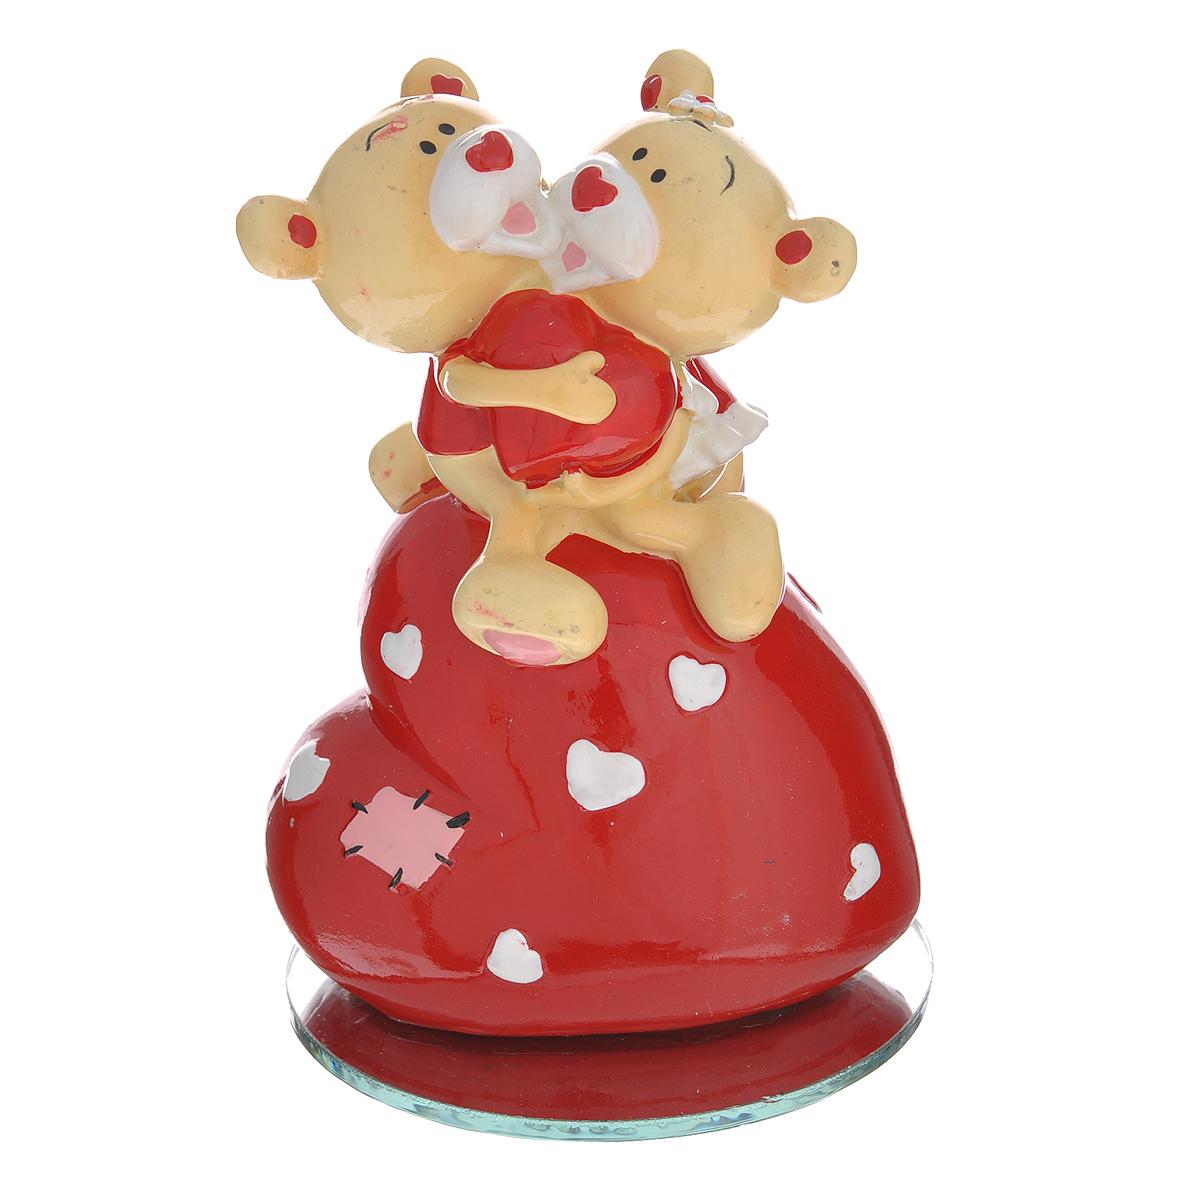 Фигурка декоративная Мишка-валентинка, цвет: красный. 123439123439Декоративная фигурка Мишка-валентинка выполнена из полистоуна и стекла в виде парочки обнимающихся медвежат на большом сердечке. Эта очаровательная фигурка послужит отличным функциональным подарком, а также подарит приятные мгновения и окунет вас в лучшие воспоминания. Характеристики:Материал: полистоун, стекло. Размер фигурки: 7,5 см х 3,5 см х 11 см. Цвет: красный. Артикул: 123439.